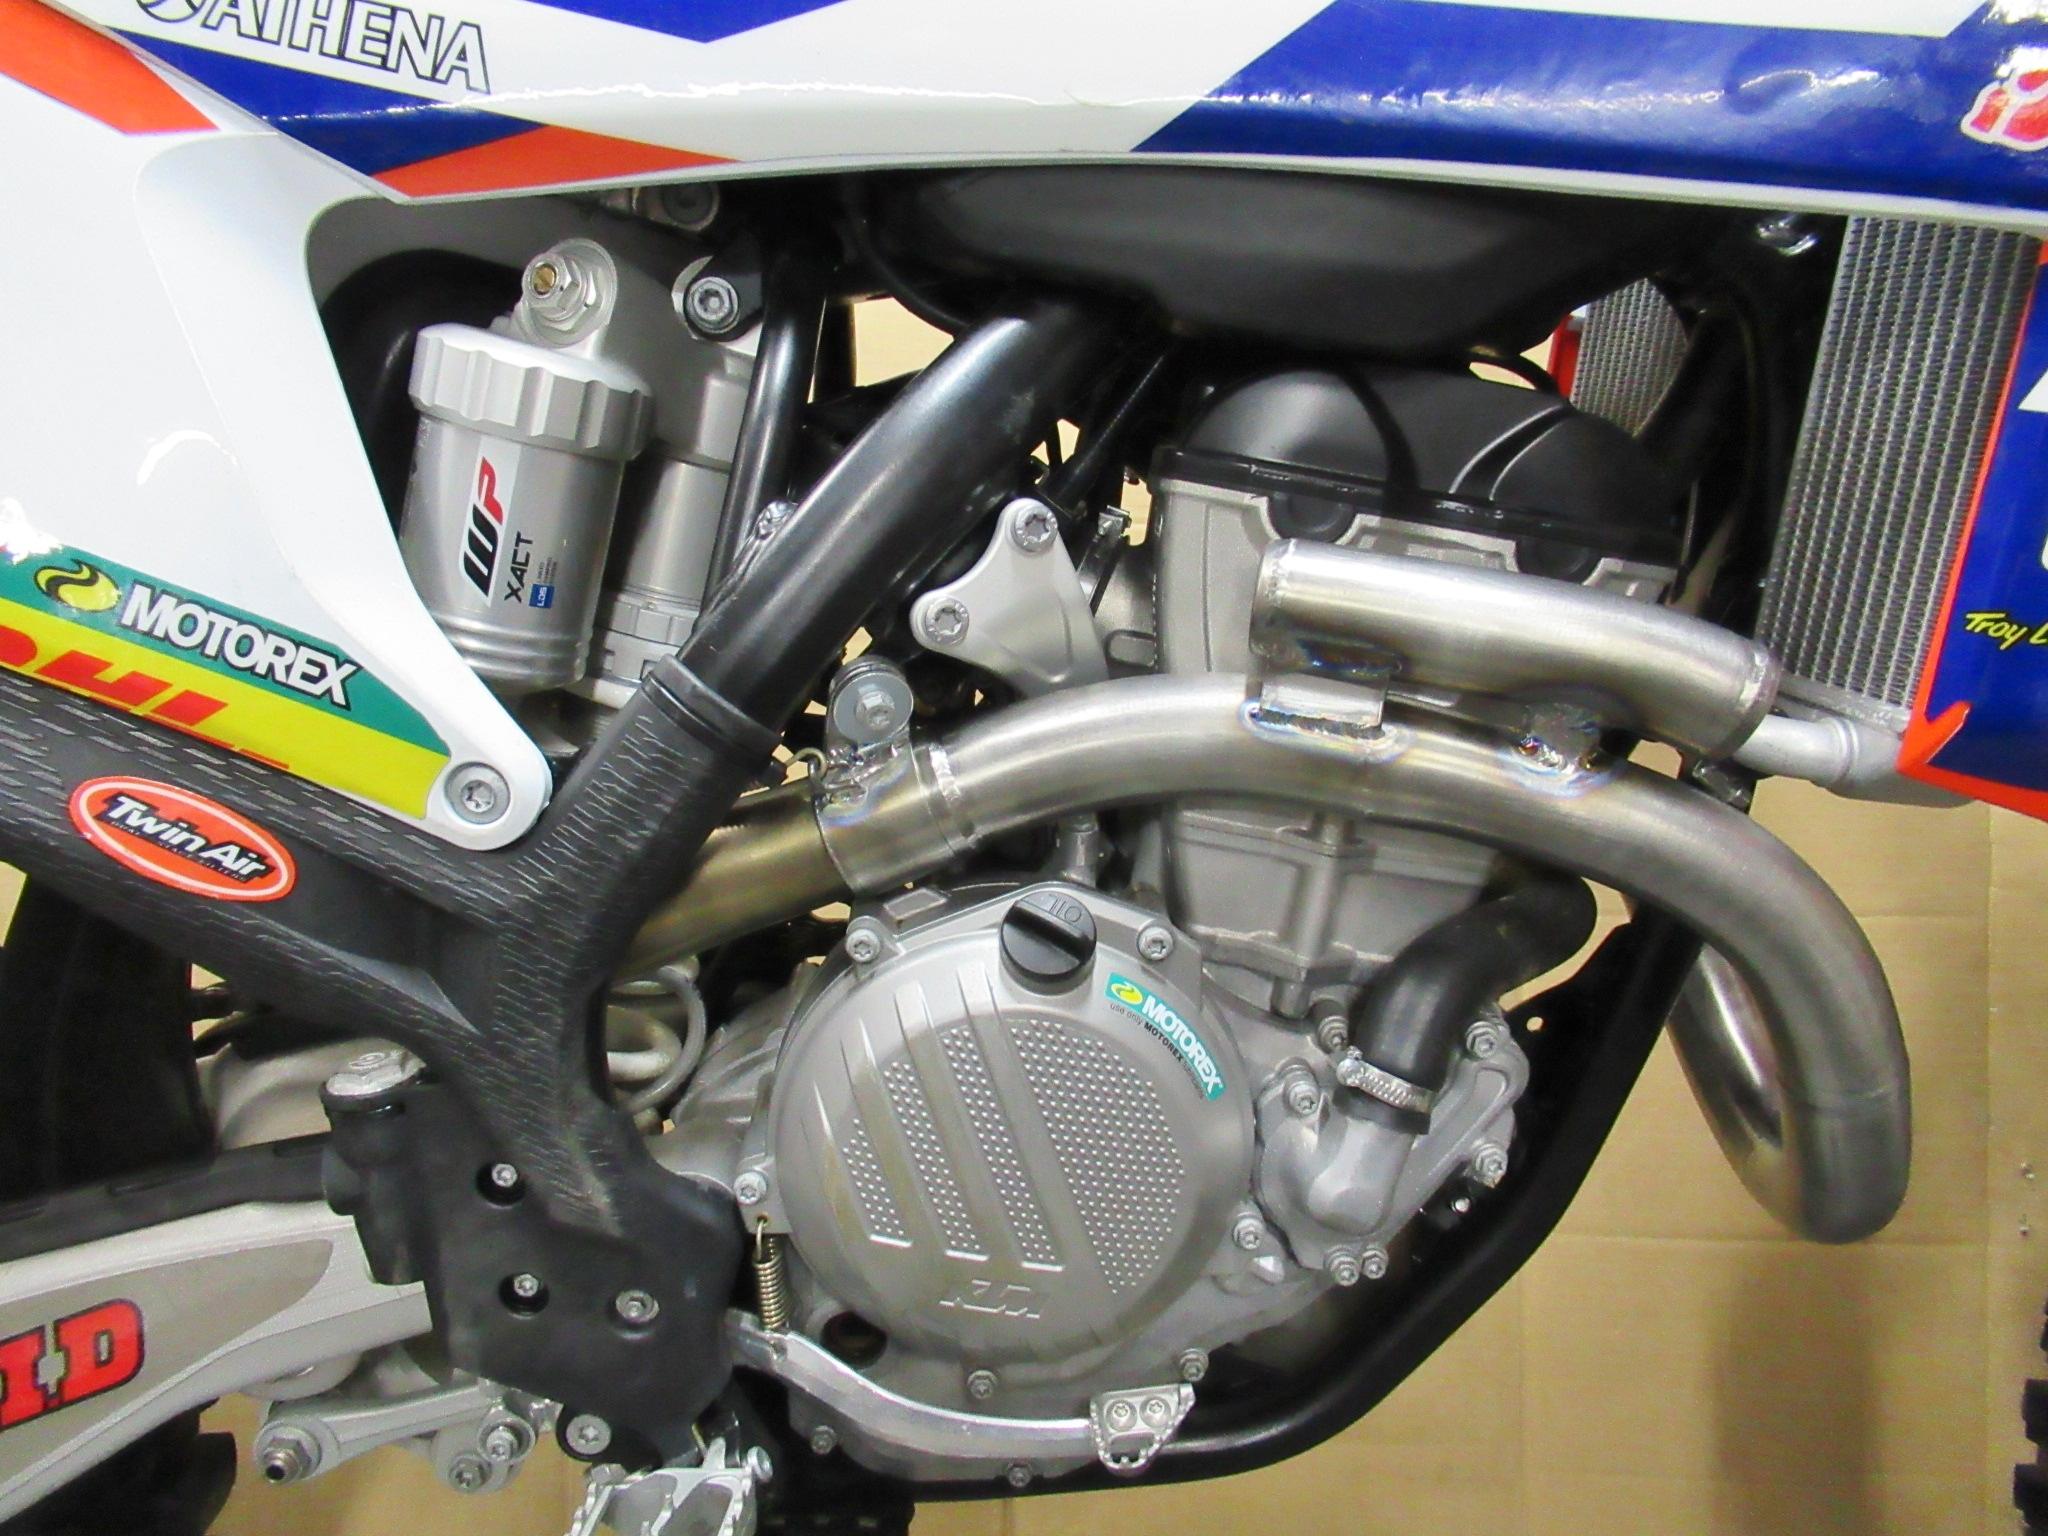 http://www.precious-factory.com/preciousfactory2010/IMG_0560.JPG